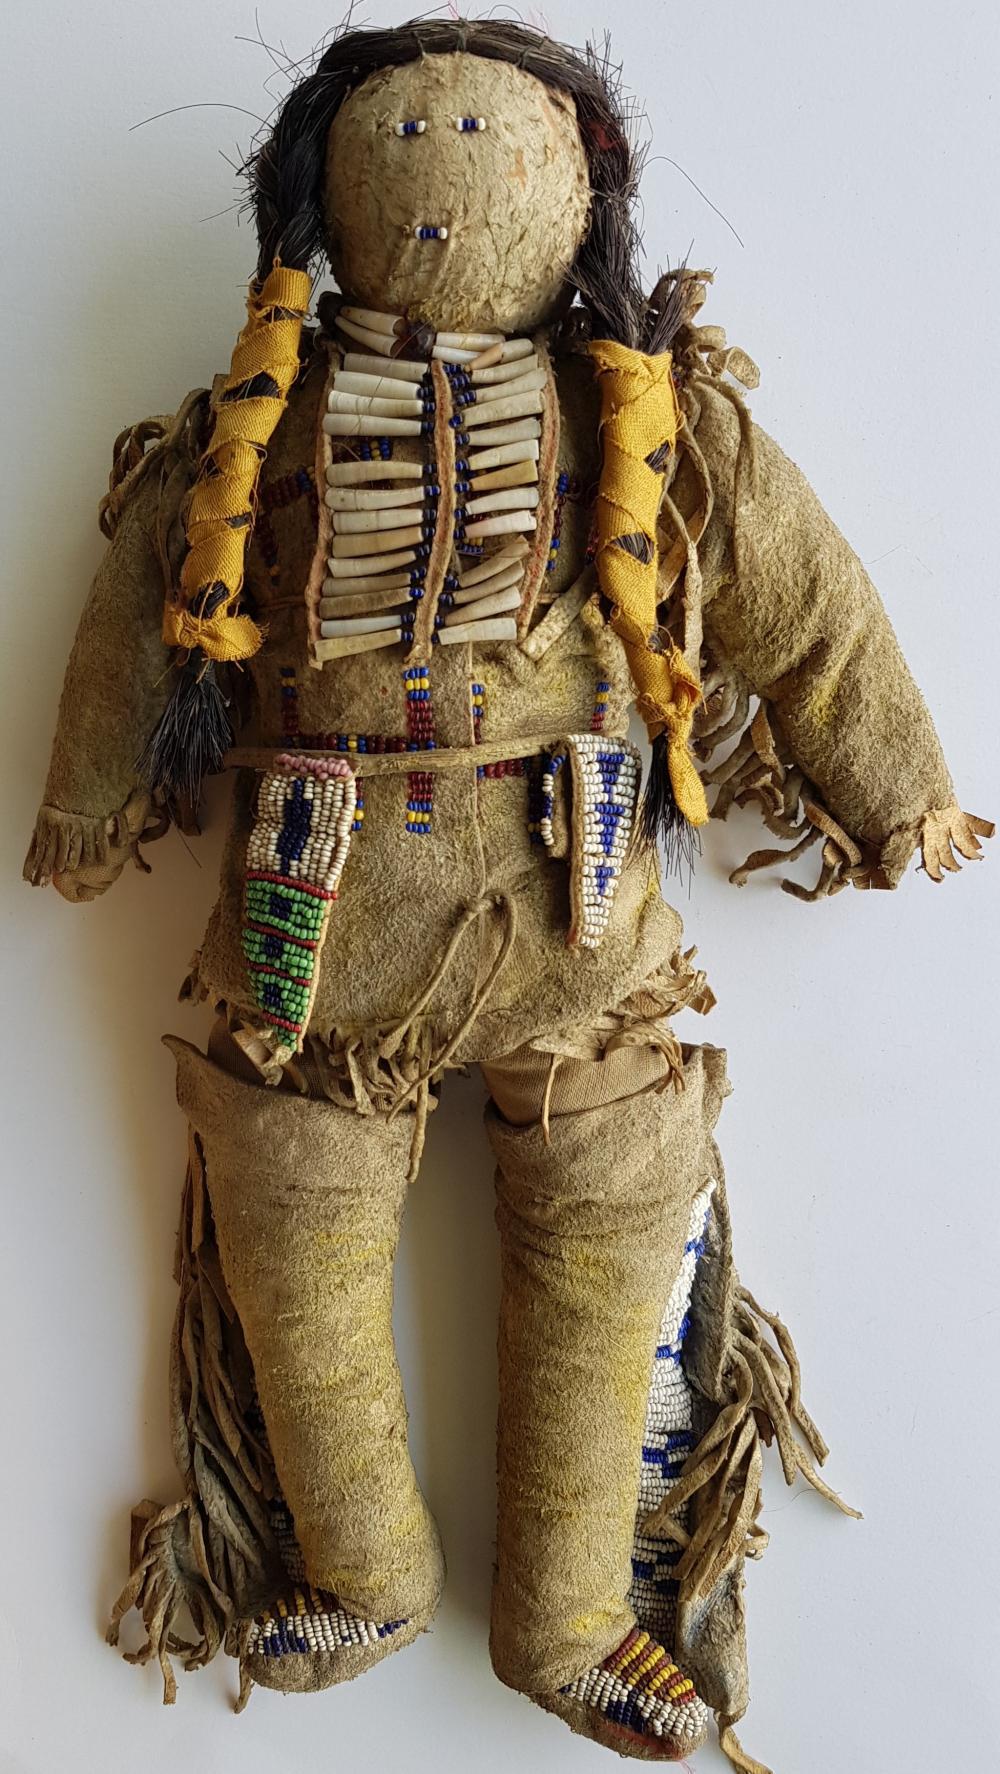 La Remise Aux Tissus Lyon sioux doll (warrior) 1880-1885